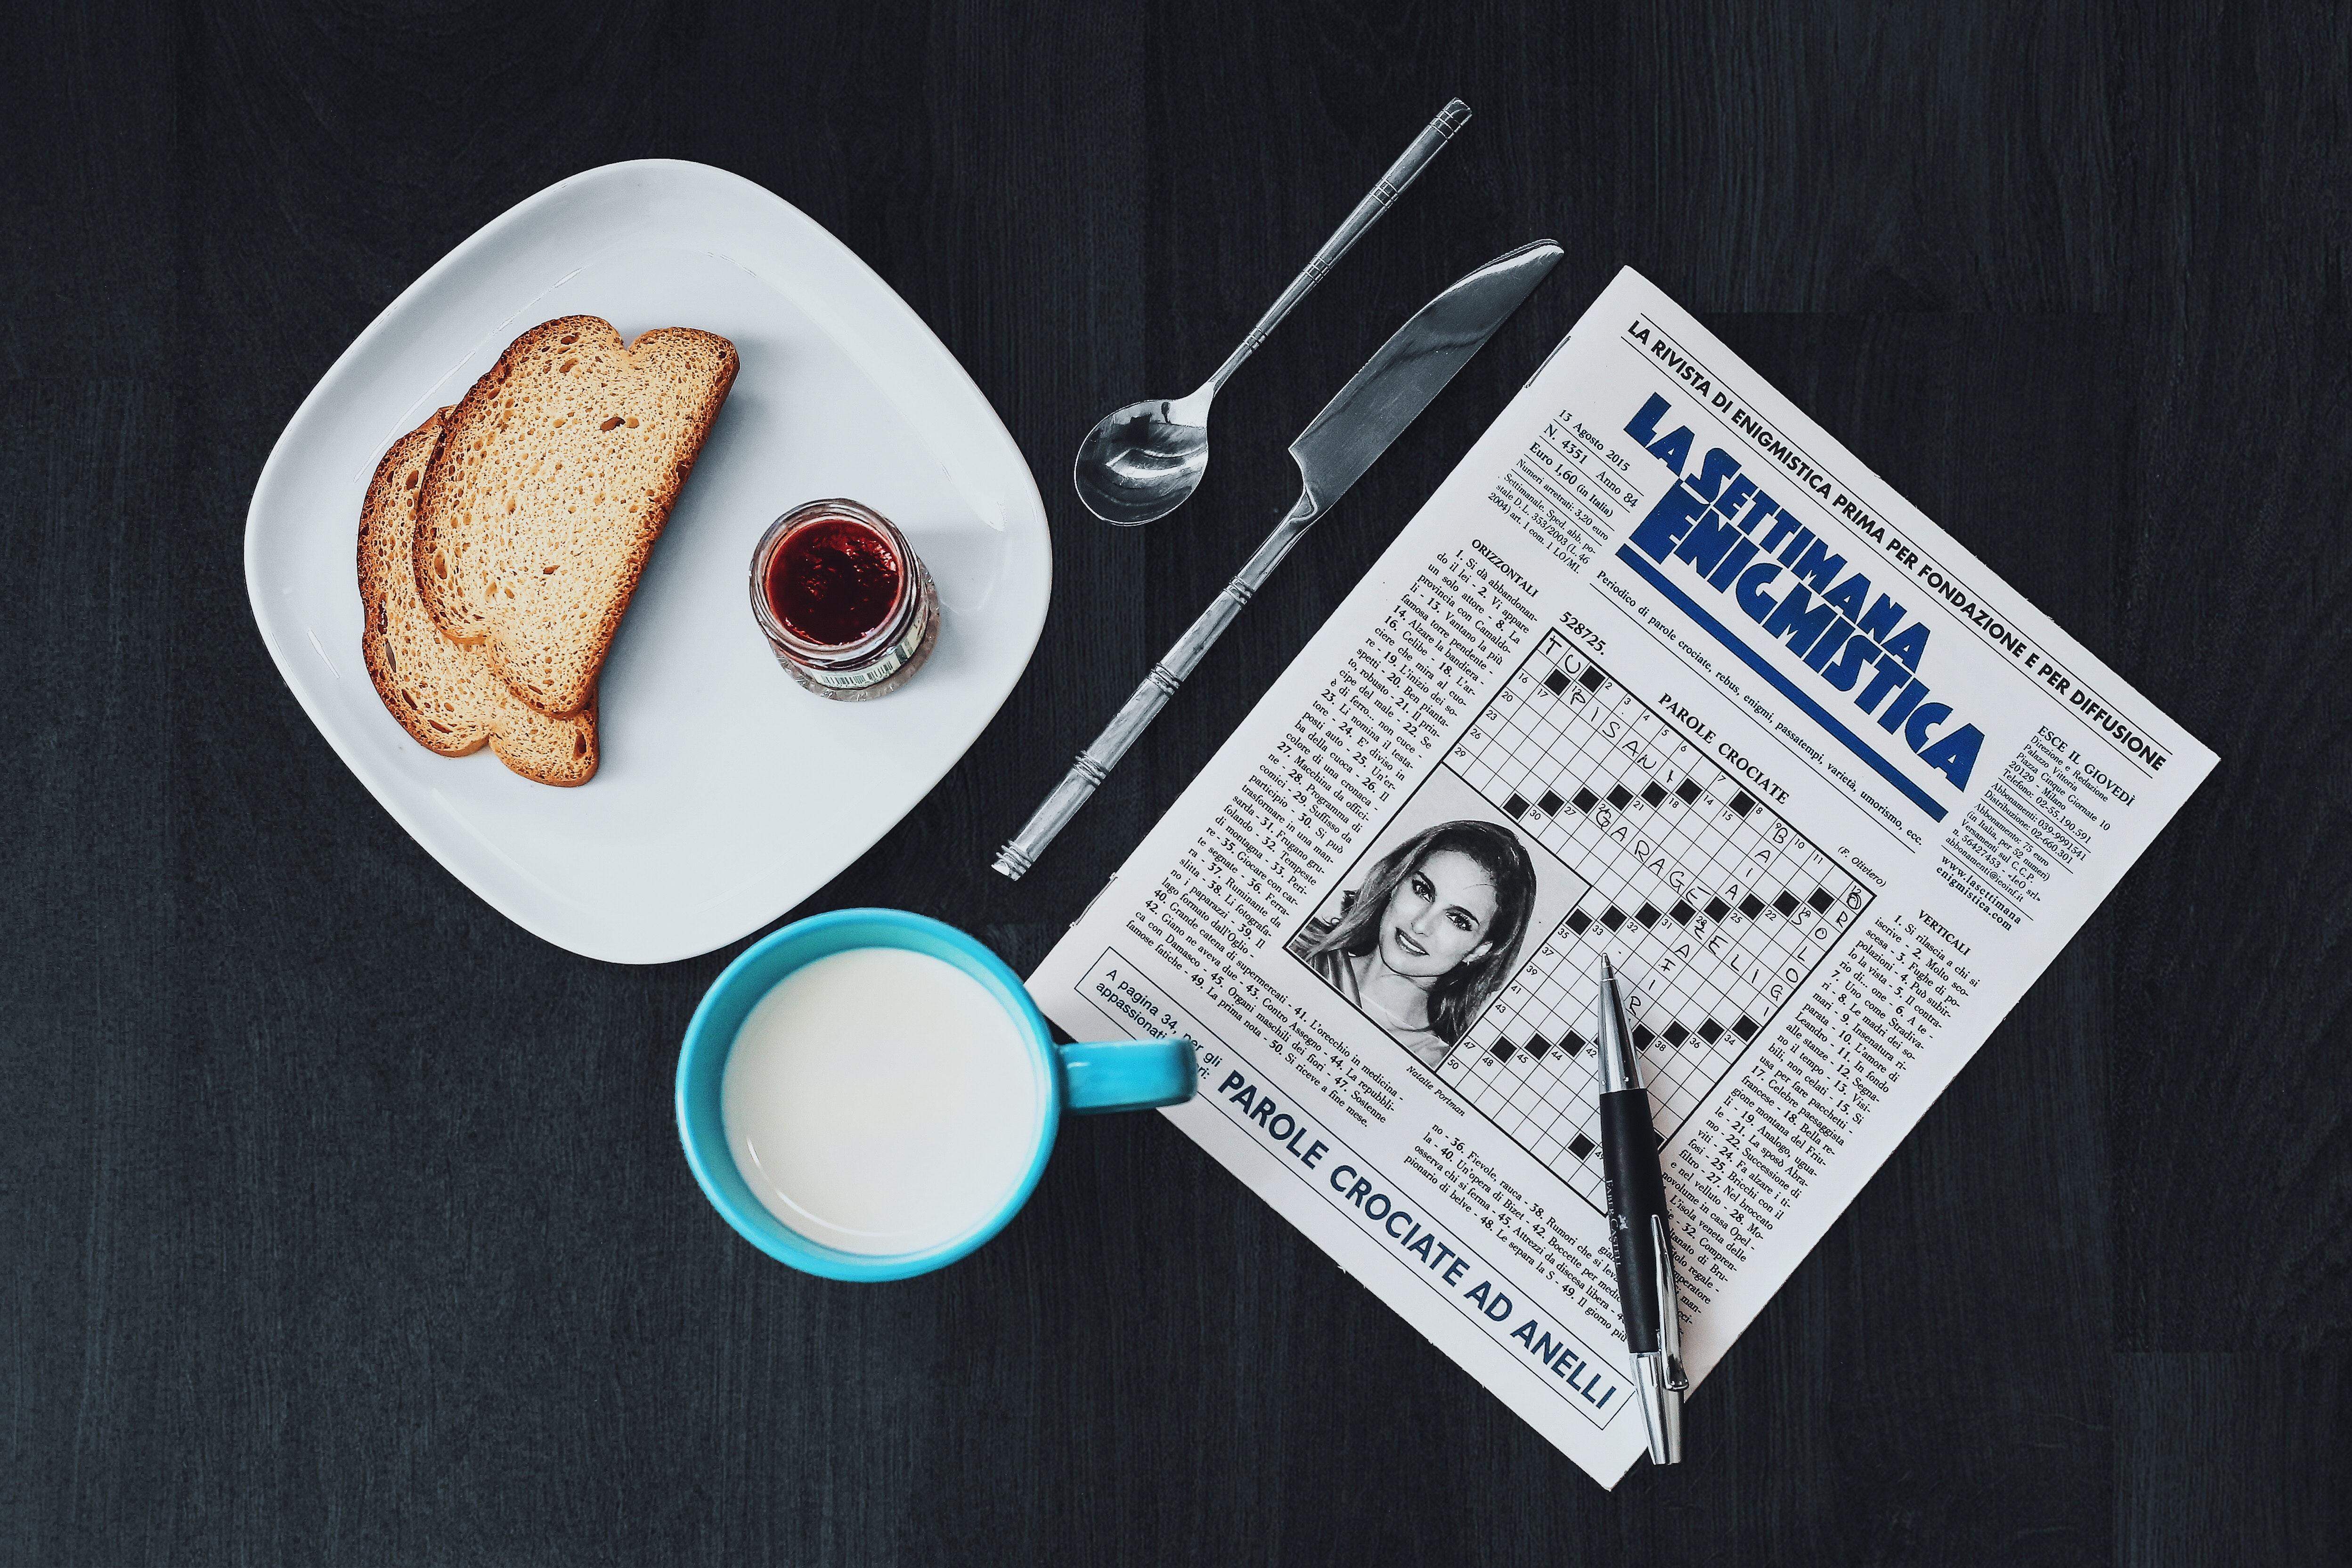 La settimana enigmistica news paper photo